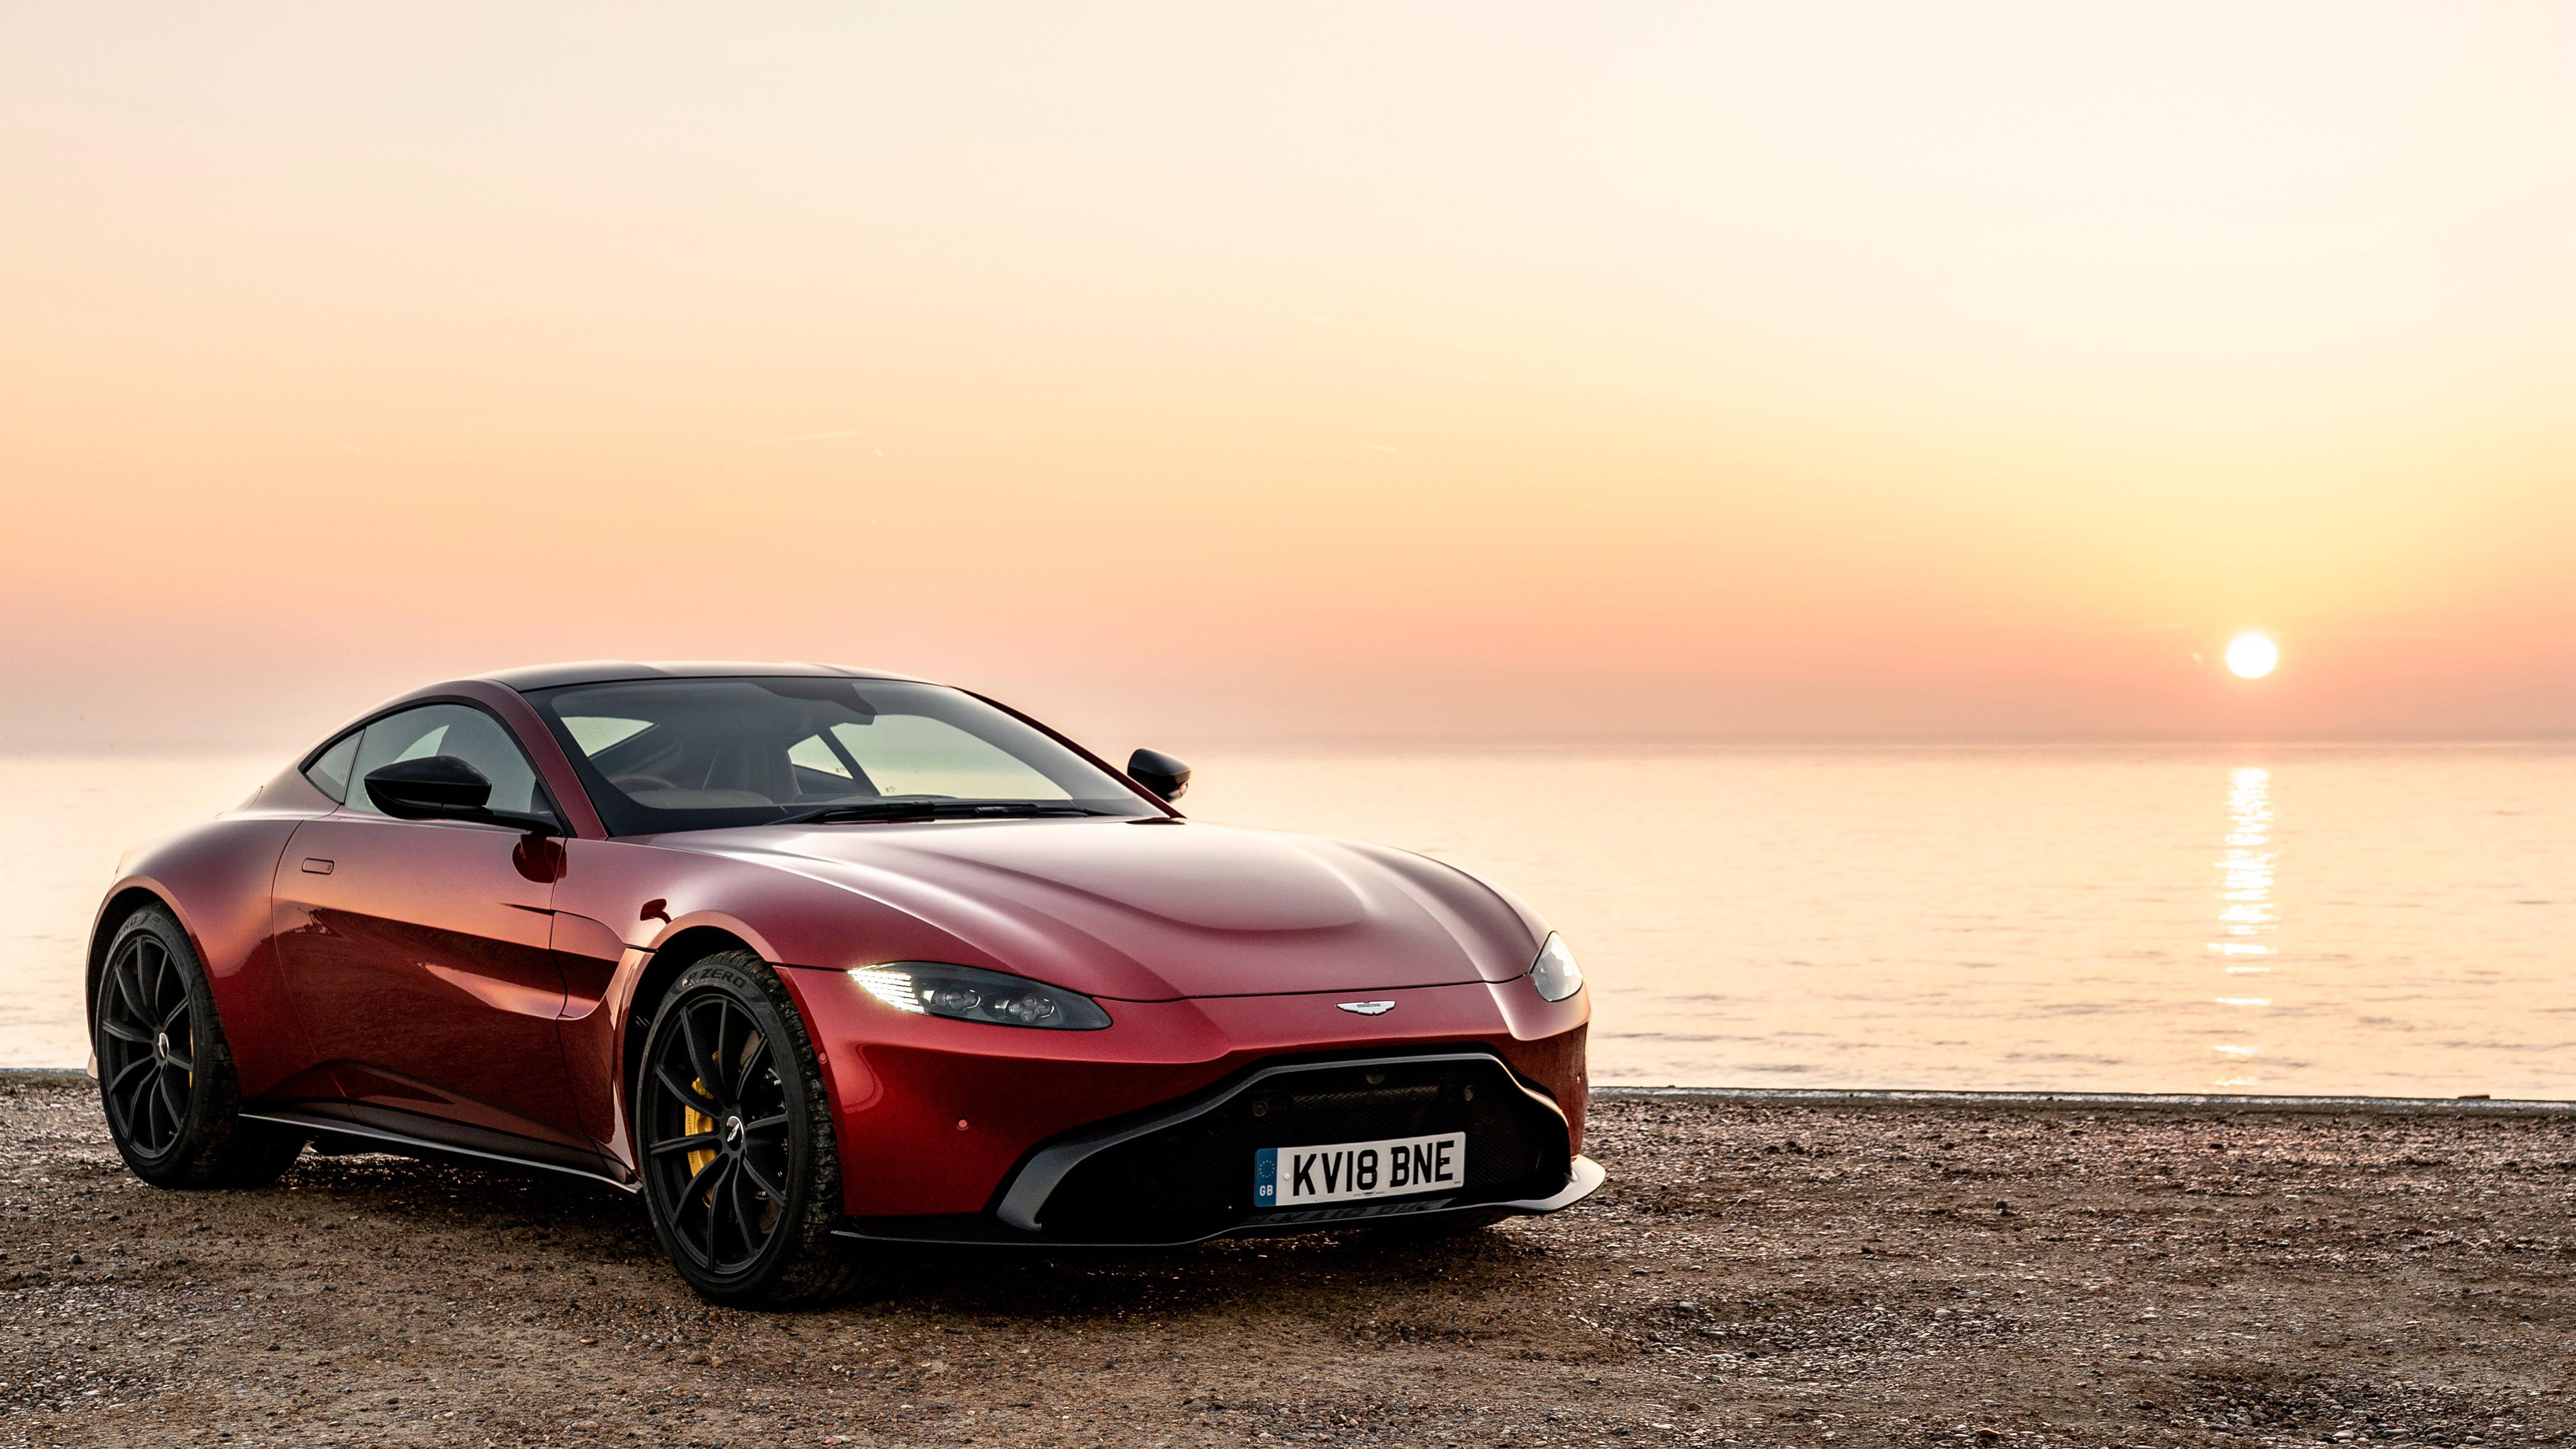 Aston Martin Car Red Car Sport Car Supercar 4096x2304